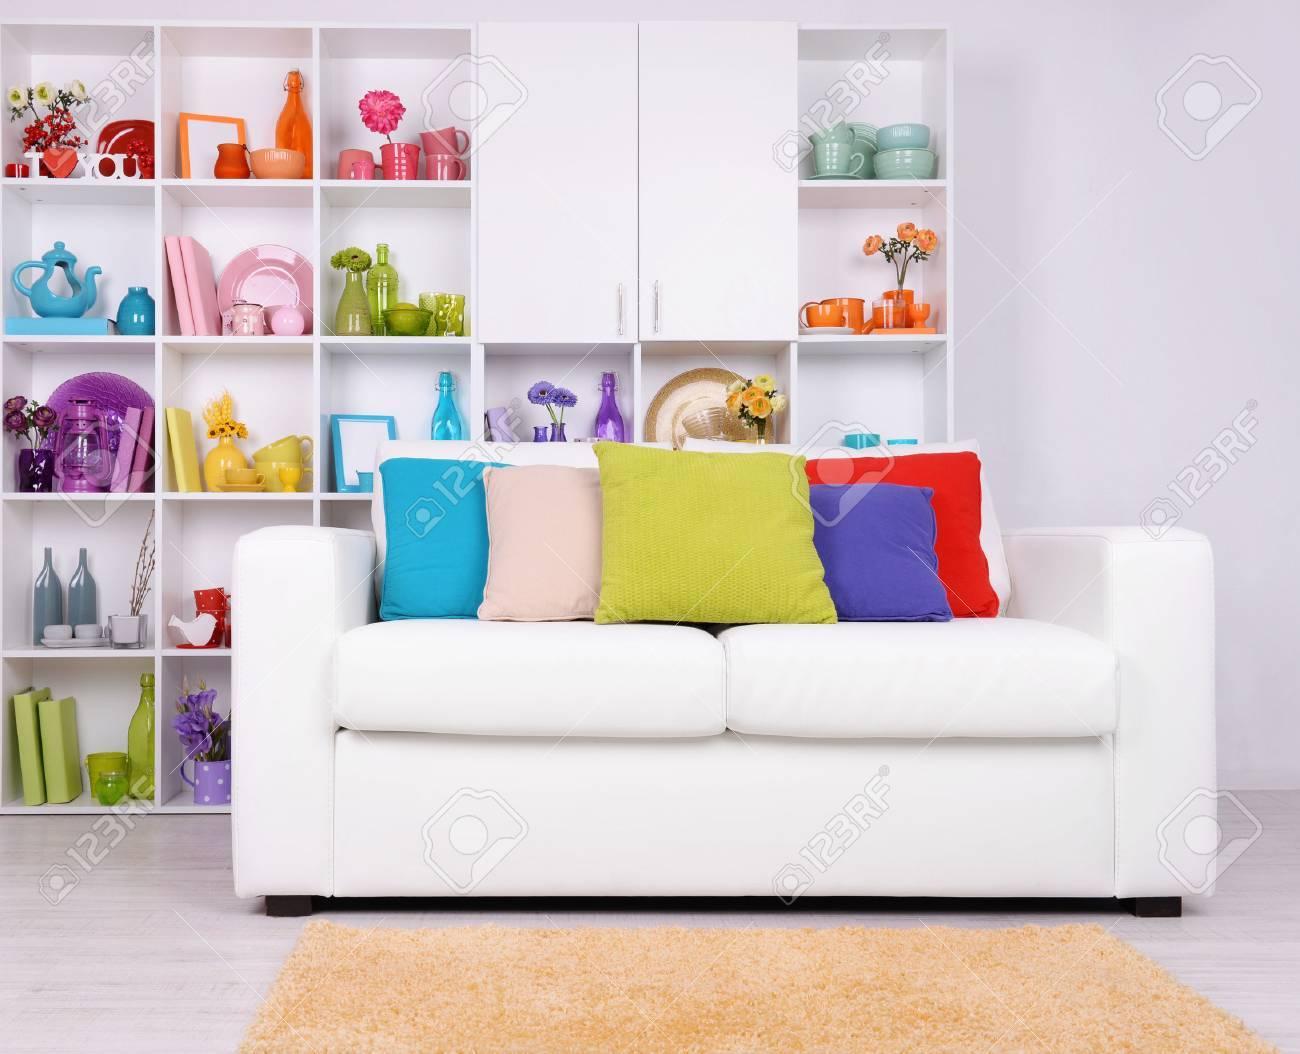 Moderne Innenarchitektur Weiß Wohnzimmer Mit Sofa Und Bücherregal